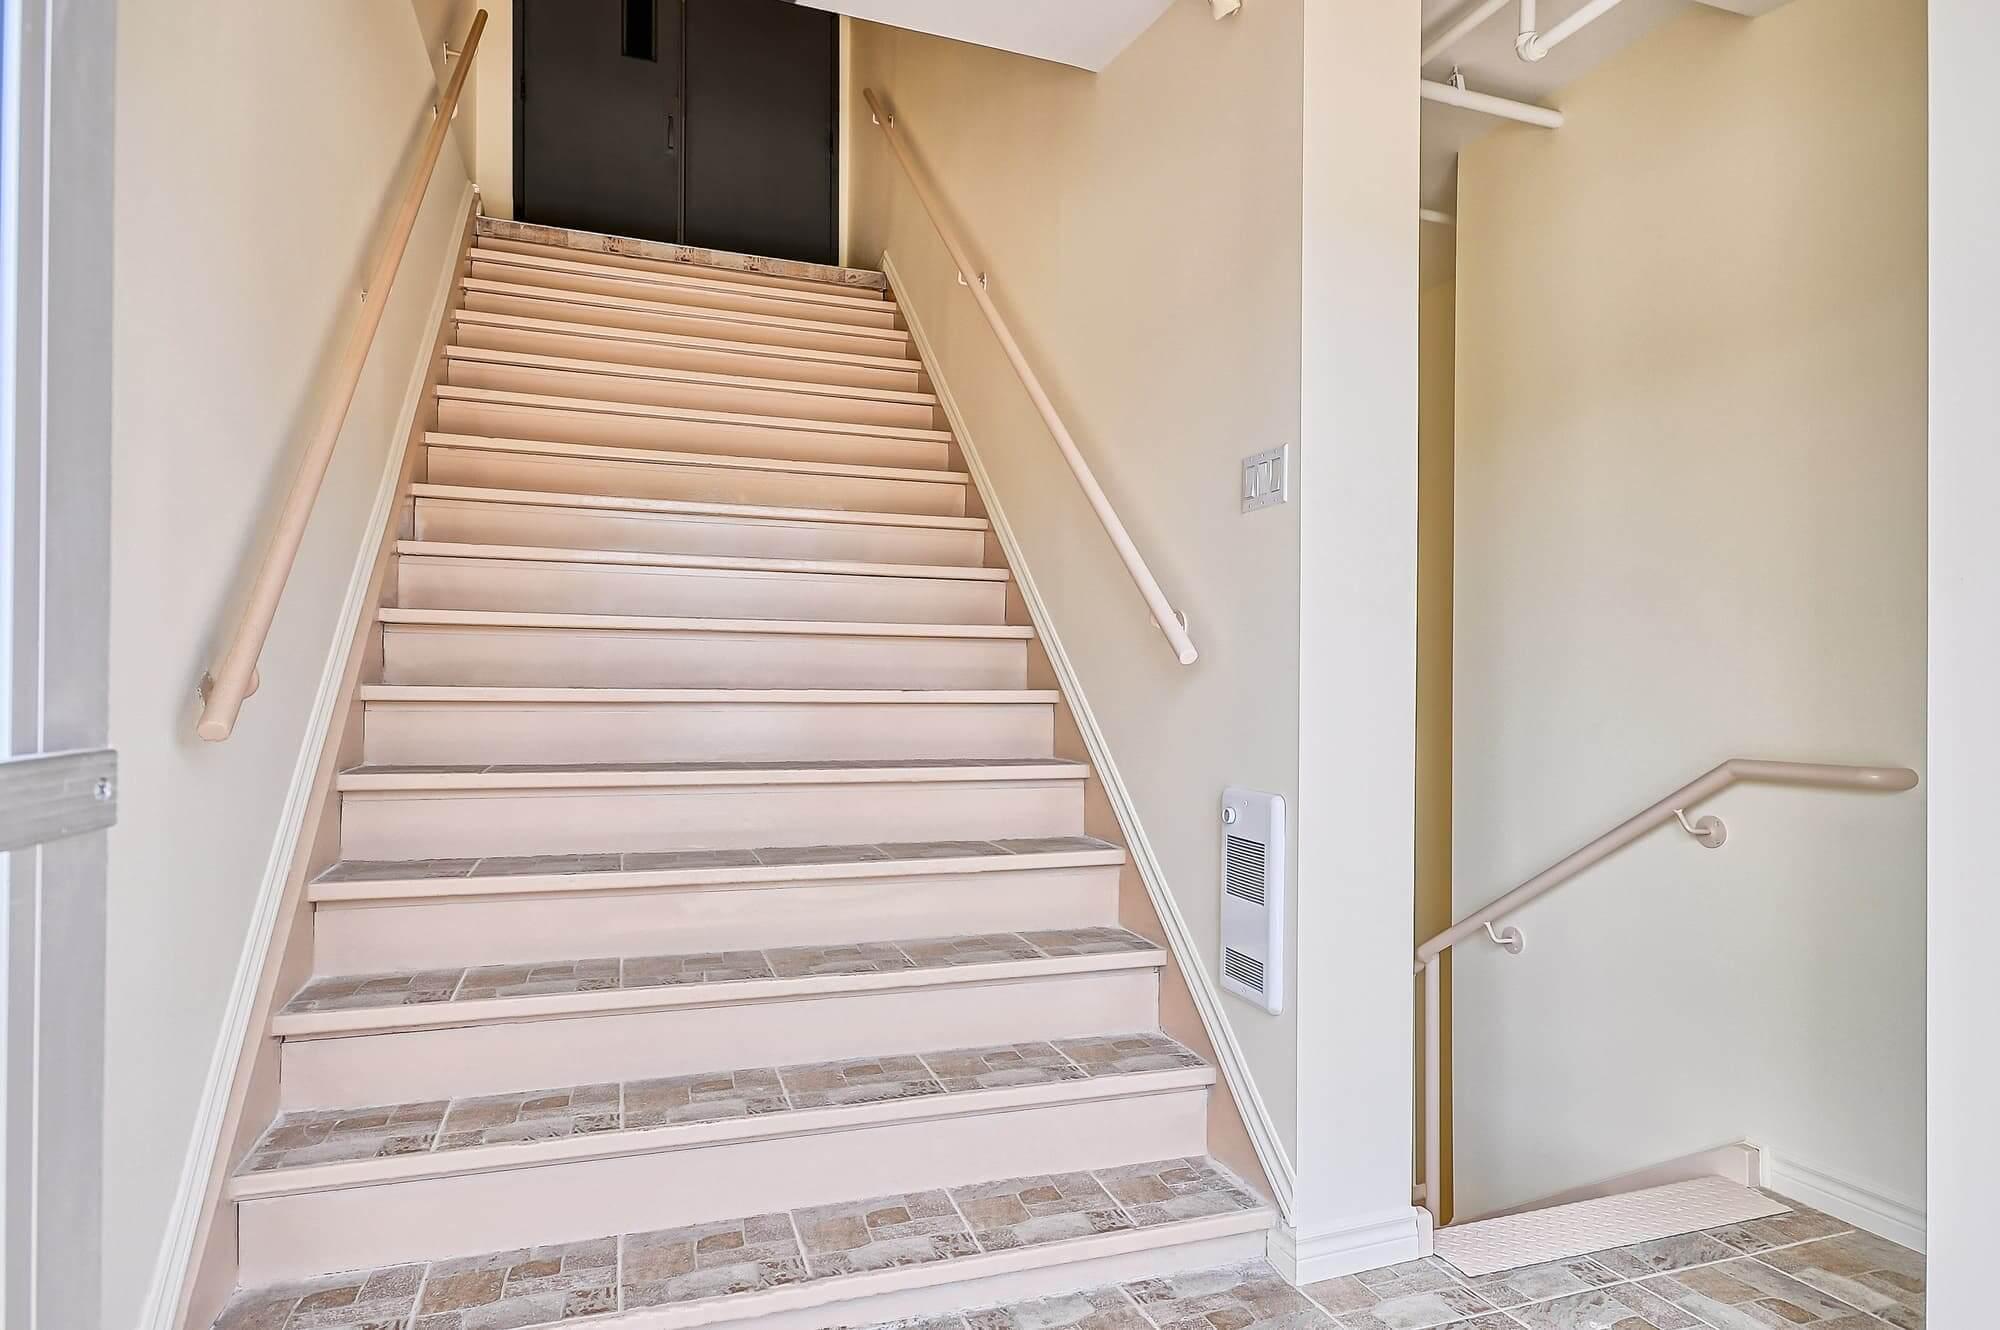 Escalier commercial vue vers le haut avec double portes gris charcoal